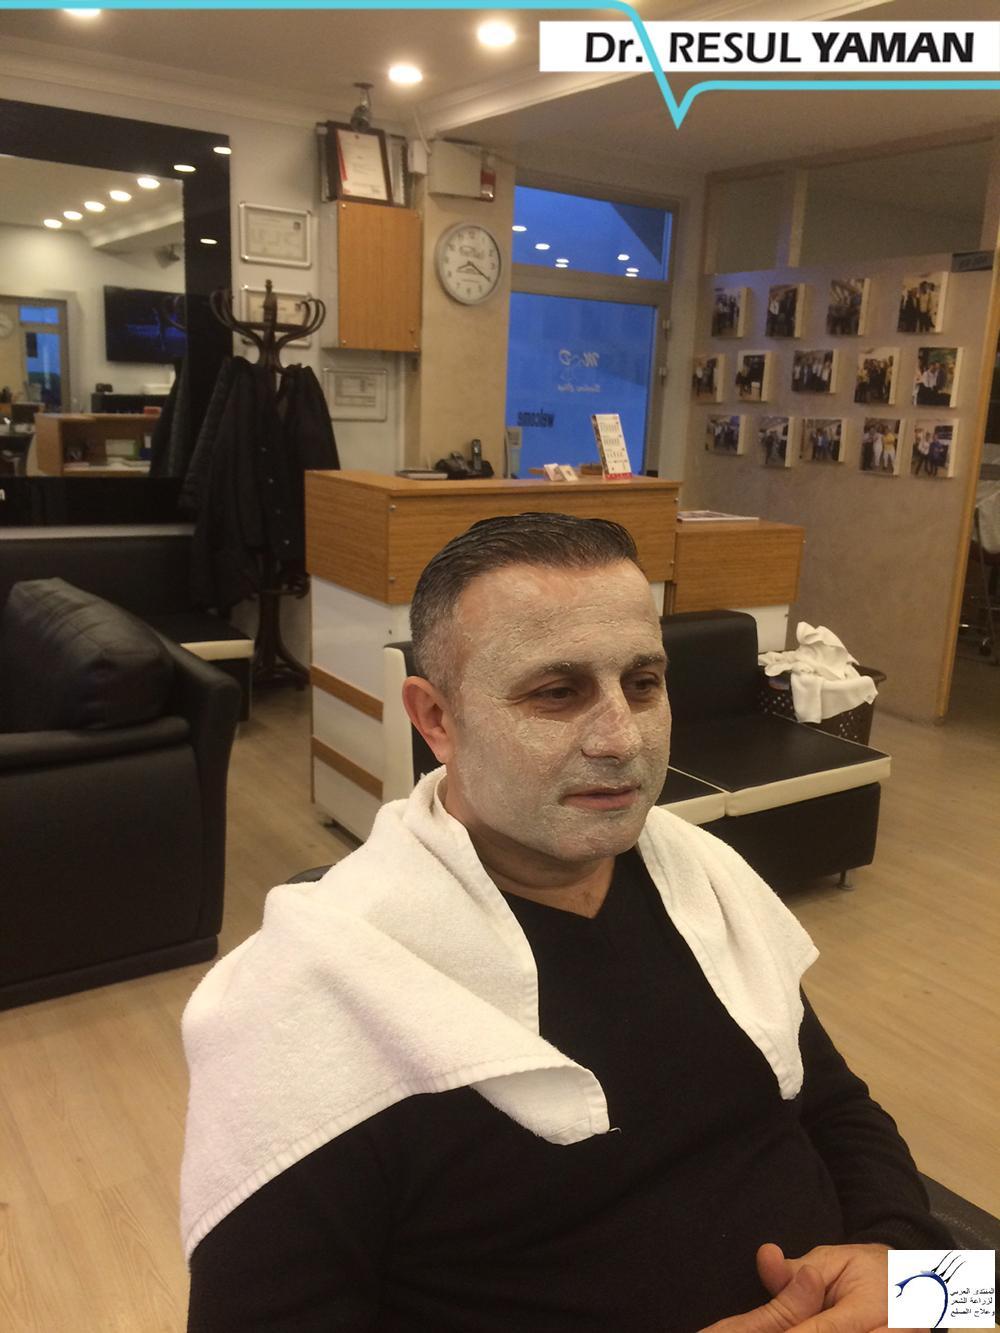 نتيجة السيد Emin Demir زراعة www.hairarab.com0900